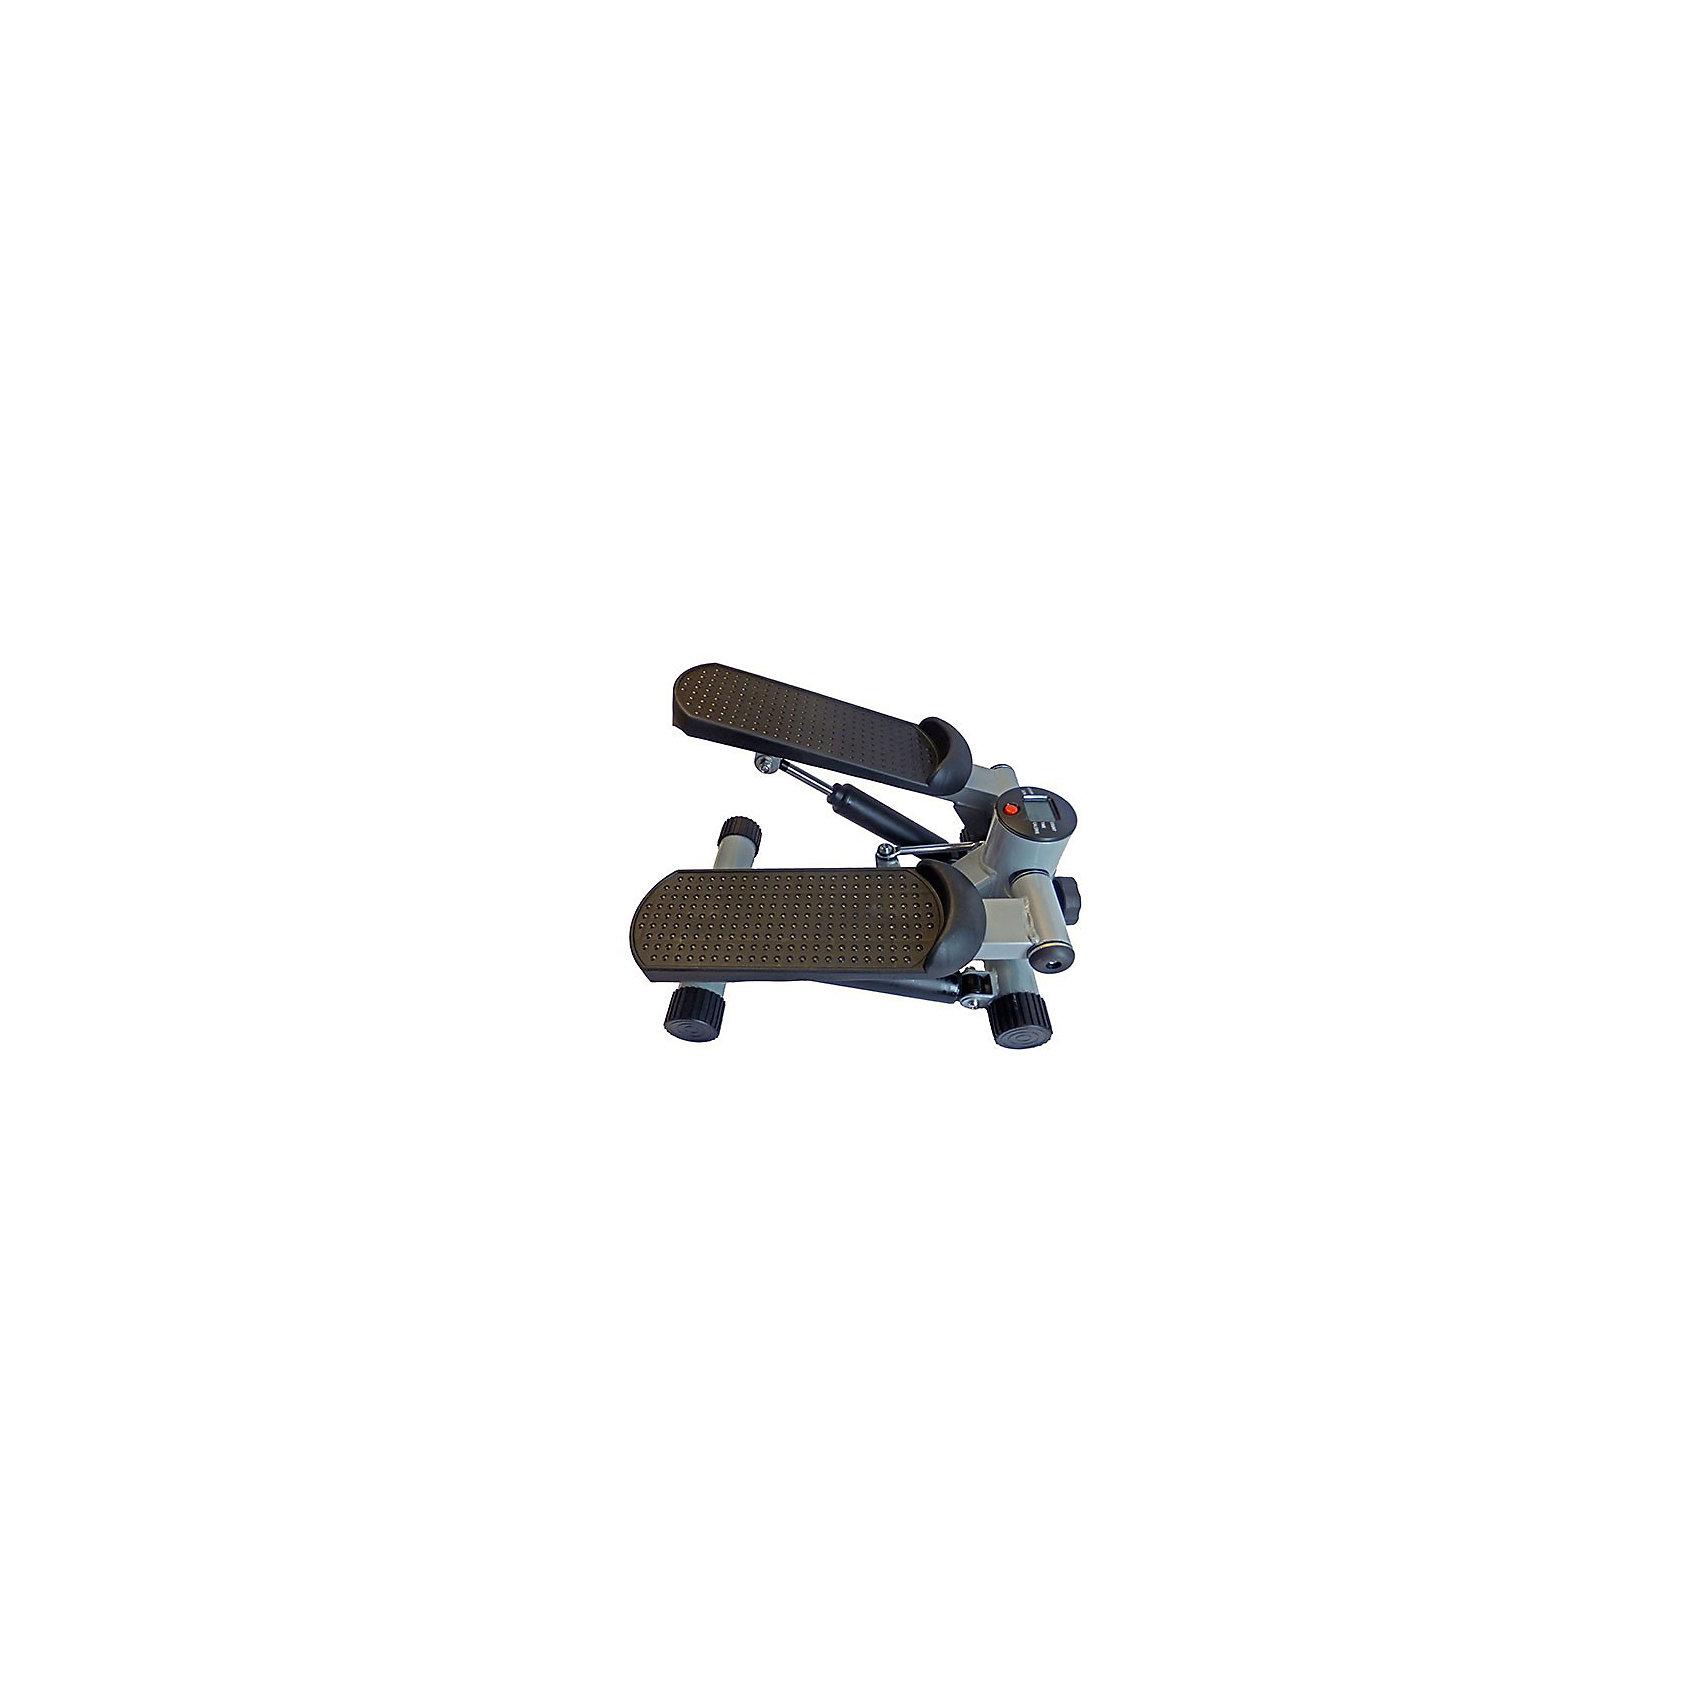 Министеппер GB5105/ 0732-01/SE 5105, Sport ElitМинистеппер Sport Elit SE 5105 идеальный домашний тренажер, который может использовать любой пользователь вне зависимости от начального уровня физической подготовки. Компактный размер тренажера позволяет использовать и без труда хранить его даже в очень небольшом помещении. Тренировки на этом тренажере позволяют укрепить и развить все основные группы мышц, бороться с лишним весом, поддерживать отличную физическую форму.<br>Министеппер Sport Elit SE 5105 сконструирован таким образом, чтобы сделать тренировки максимально комфортными и эффективными: устойчивая конструкция, широкие педали с нескользящей поверхностью и очень прочная конструкция позволяют использовать тренажер пользователям с весом до 100 кг. Встроенный компьютер сообщает пользователю время тренировки, количество сделанных шагов, количество шагов в минуту, потраченные калории. Возможность следить за каждым параметром тренировки позволяет корректировать тренировочный процесс и добиваться отличных результатов.<br>ИспользованиеДомашнее<br>Максимальный вес пользователя100 кг<br>Рамастальная, лакированная<br>Система нагружениягидравлическая<br>Измерение пульсанет<br>Показания монитора Кол-во шагов за тренировку, общее кол-во шагов, время, калории<br>Питание Не требует подключения к сети<br>Вес тренажера6 кг<br>Габариты тренажера34х20х42 см.<br>Вес тренажера в коробке8 кг<br>Габариты в упаковке24х46х35 см<br>Гарантия18 месяцев<br>ПроизводительSport Elite<br>ИзготовительКитай<br><br>Ширина мм: 350<br>Глубина мм: 240<br>Высота мм: 460<br>Вес г: 8000<br>Возраст от месяцев: 36<br>Возраст до месяцев: 192<br>Пол: Унисекс<br>Возраст: Детский<br>SKU: 5056626